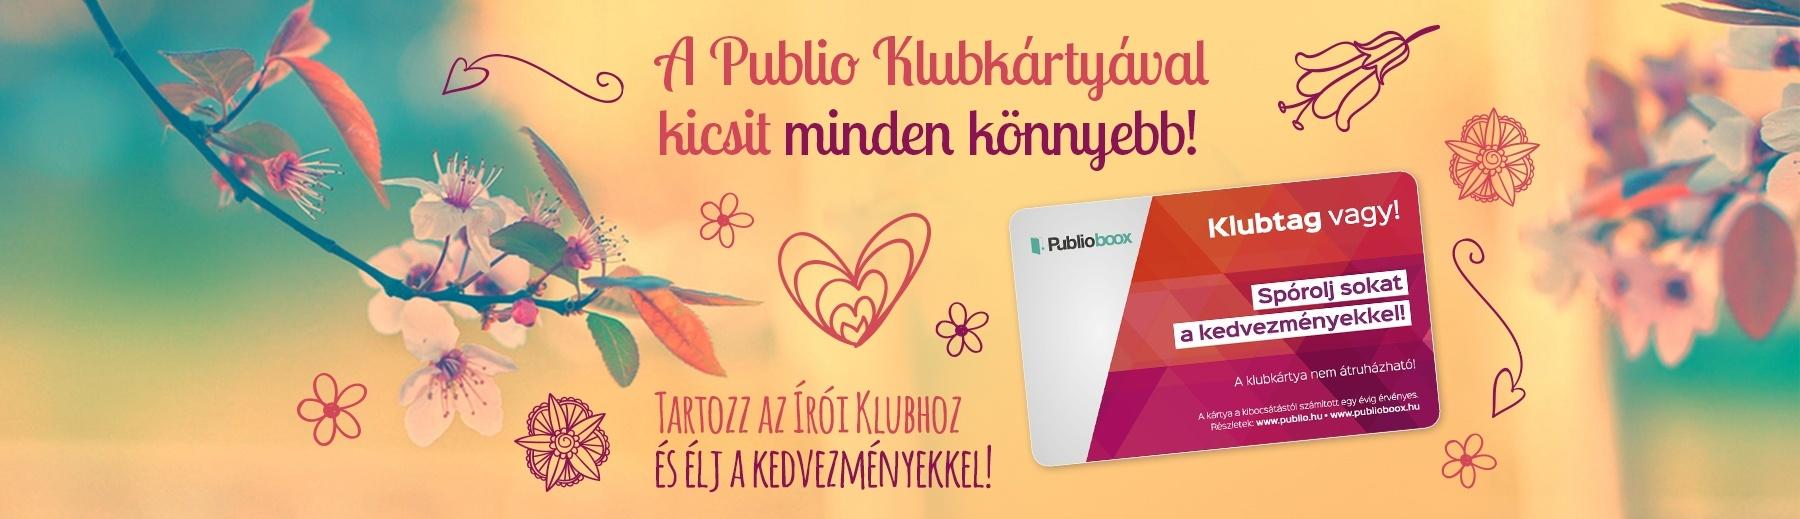 http://admin.konyvaruhaz.info/media/files/Klubkartya_banne_1800x5191.jpg